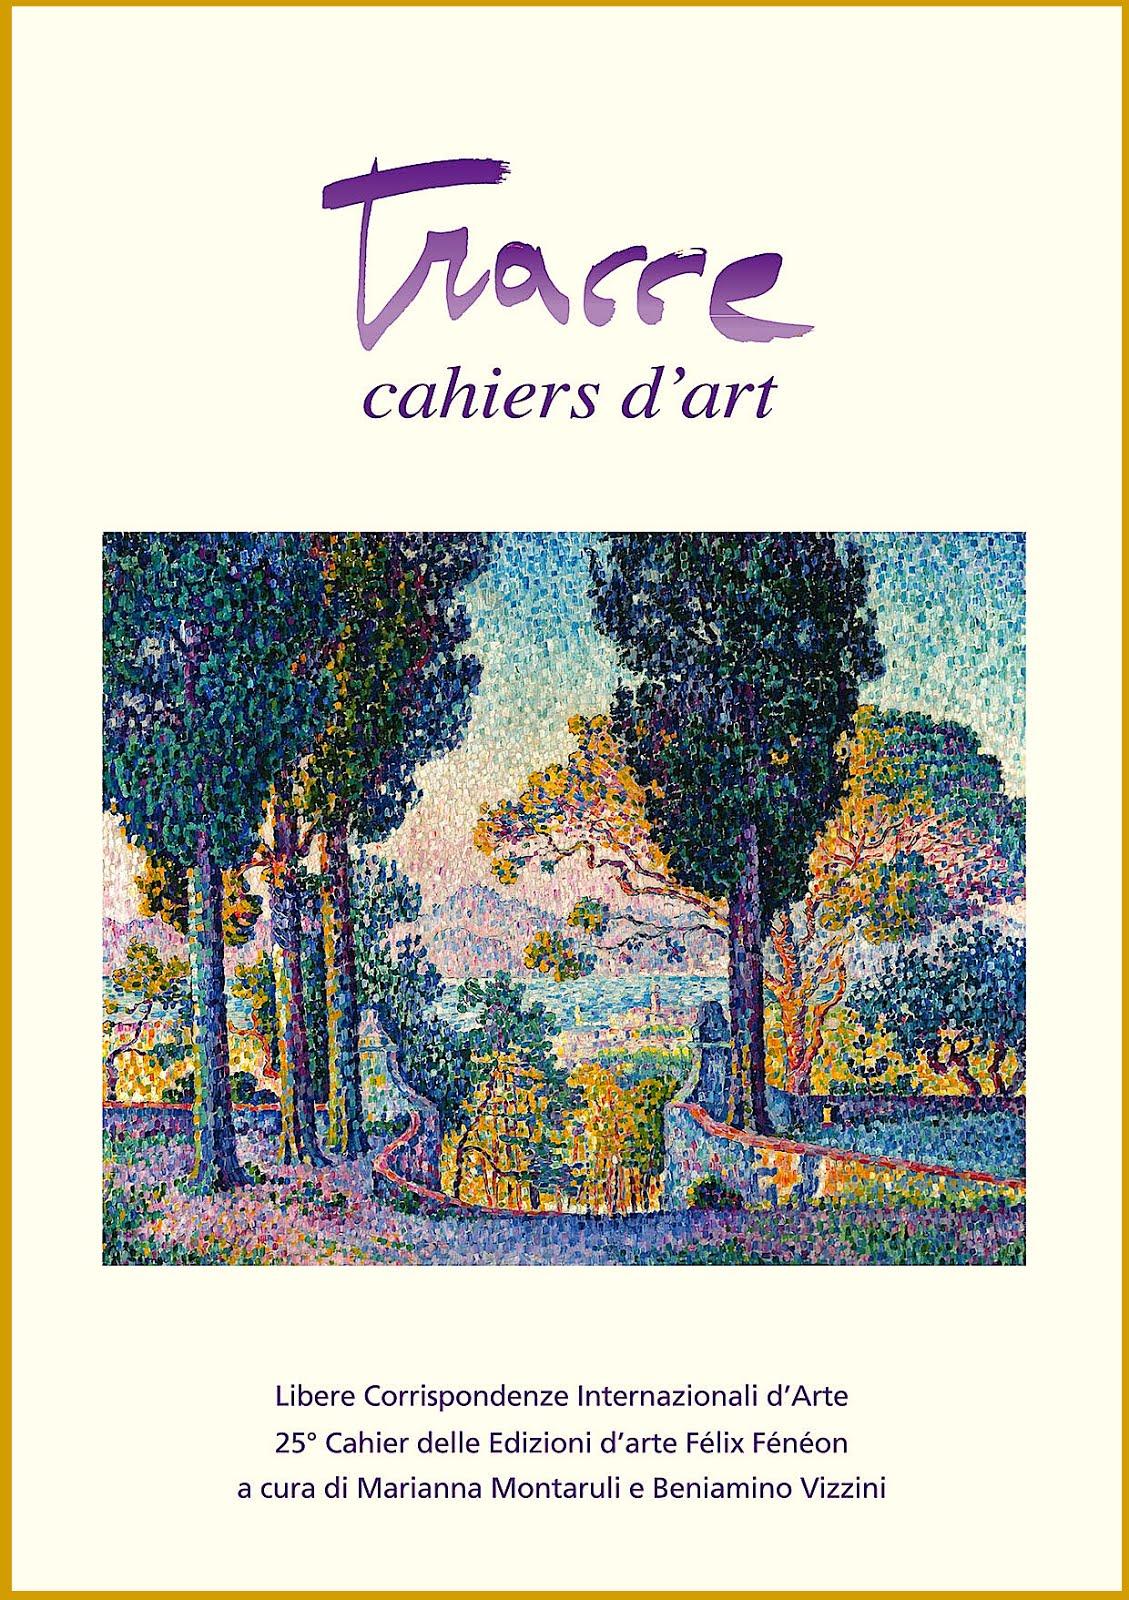 Copertina del Nuovo N. 25 di TRACCE CAHIERS D'ART. Per sapere su Mostre e Artisti CLIC sulla foto: